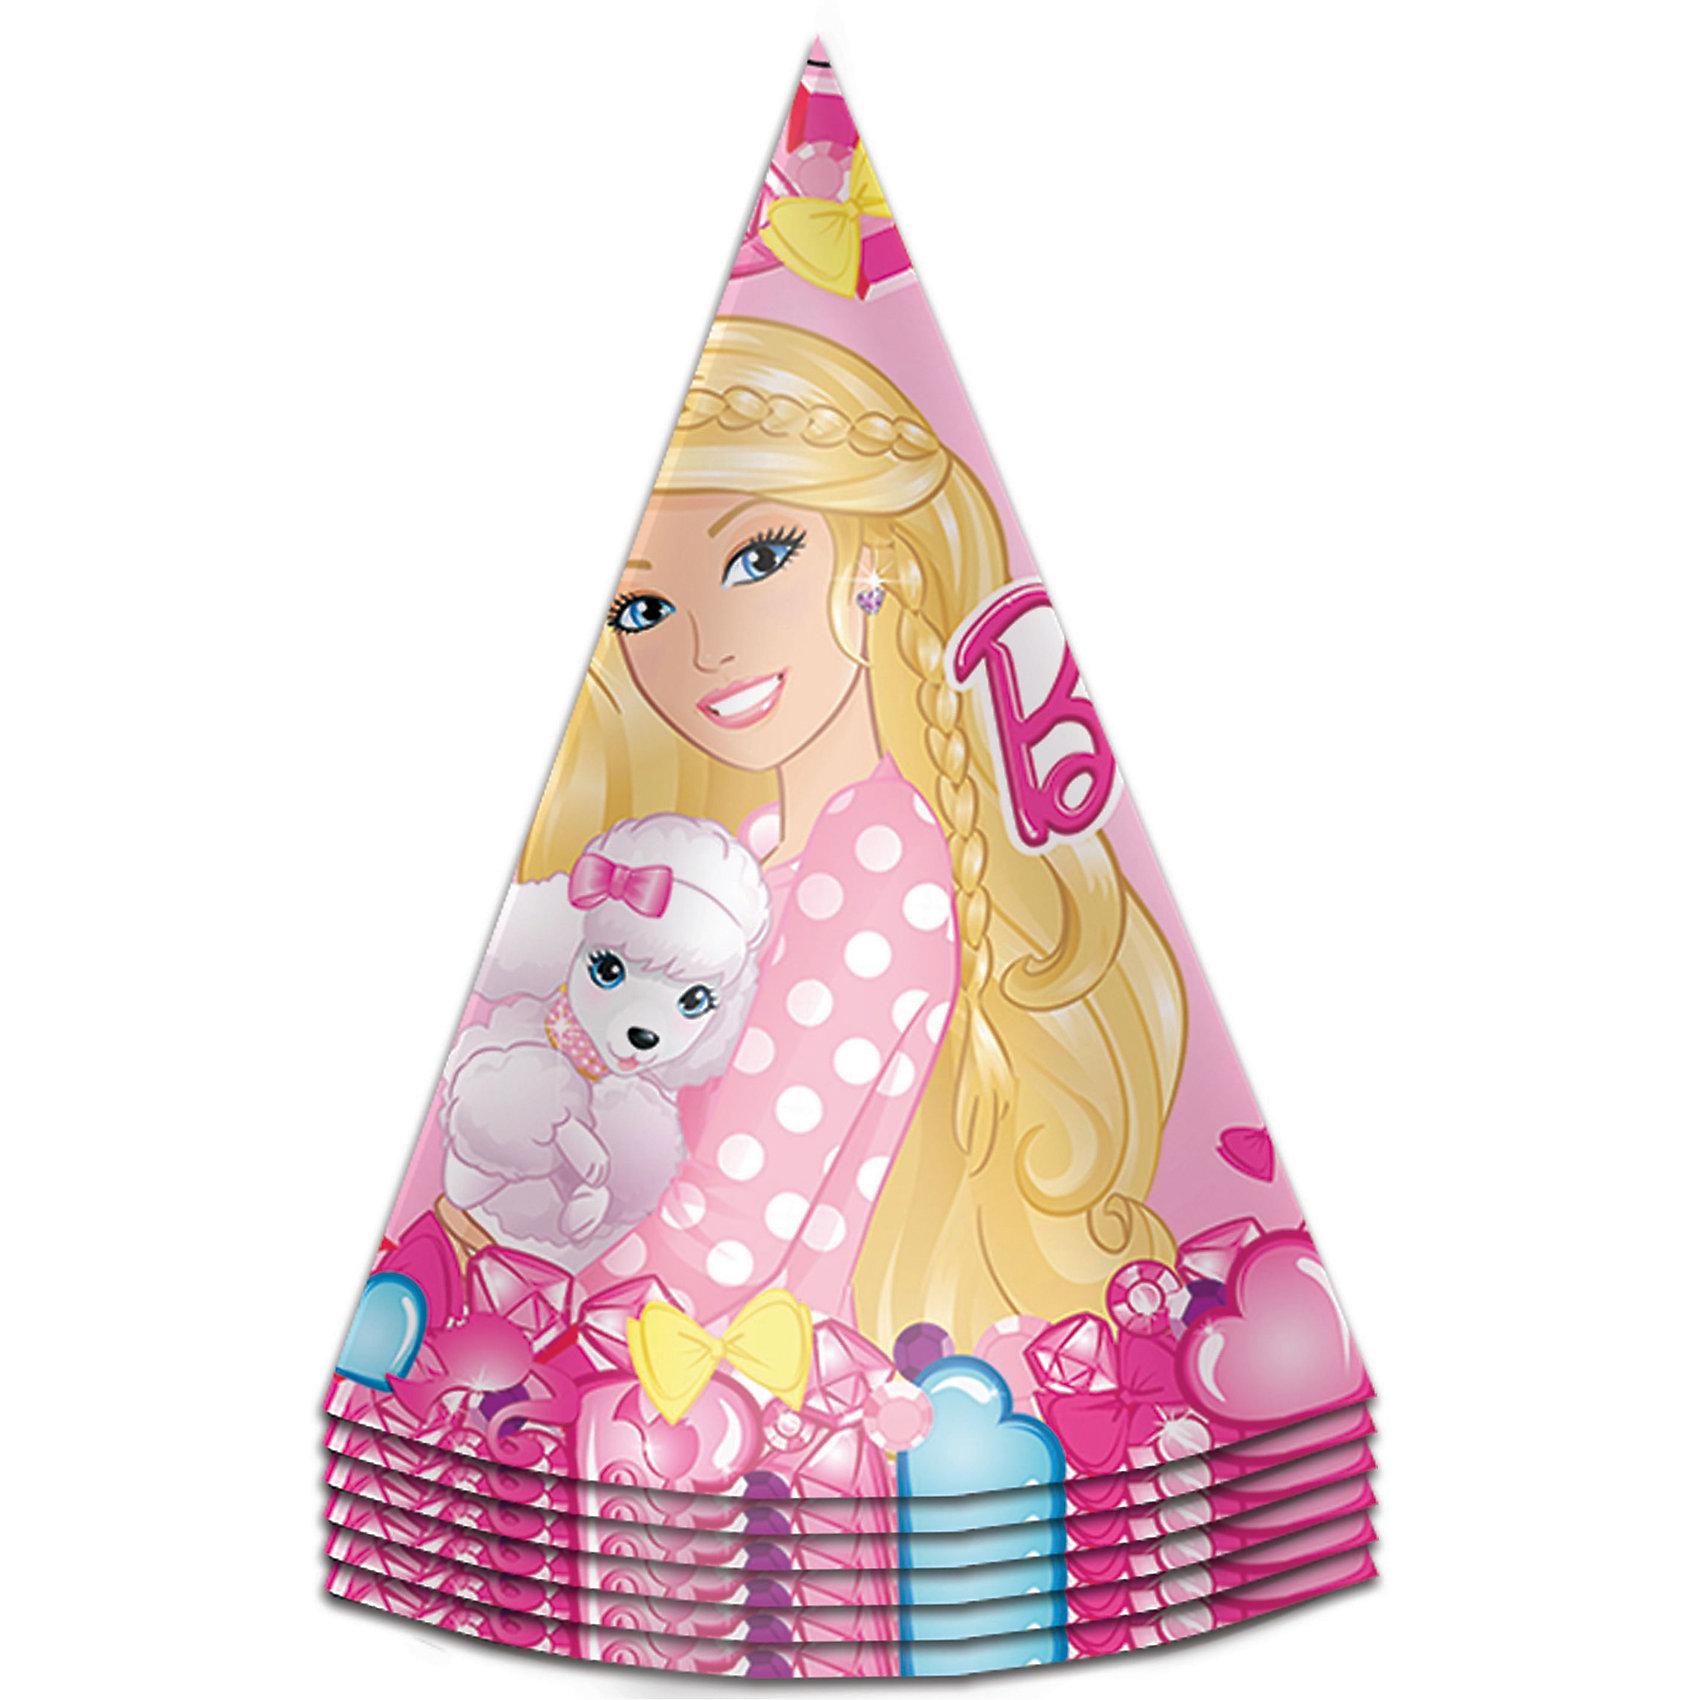 Колпачок 6шт БарбиBarbie<br>Милые колпачки с изображением красавицы Барби очаруют всех участниц детского торжества и ярко дополнят их праздничные наряды.&#13;<br>В наборе «Барби» 6 бумажных колпаков на резинках, декорированных ярким, привлекательным принтом. Вы также можете выбрать другие товары из данной серии: стаканы, тарелки, салфетки, язычки, дудочки, приглашение в конверте, скатерть, мыльные пузыри и другие товары.<br><br>Ширина мм: 105<br>Глубина мм: 105<br>Высота мм: 170<br>Вес г: 60<br>Возраст от месяцев: 36<br>Возраст до месяцев: 120<br>Пол: Унисекс<br>Возраст: Детский<br>SKU: 5016475